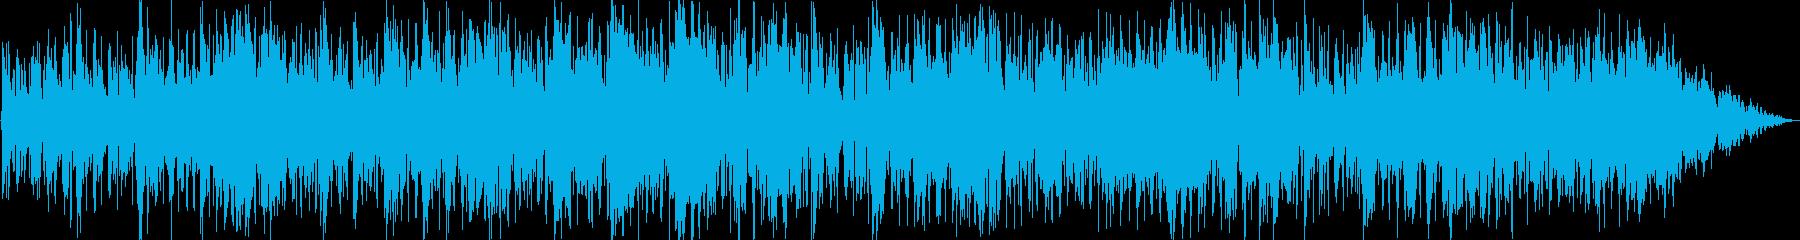 有名なクリスマスソングはサックスを...の再生済みの波形